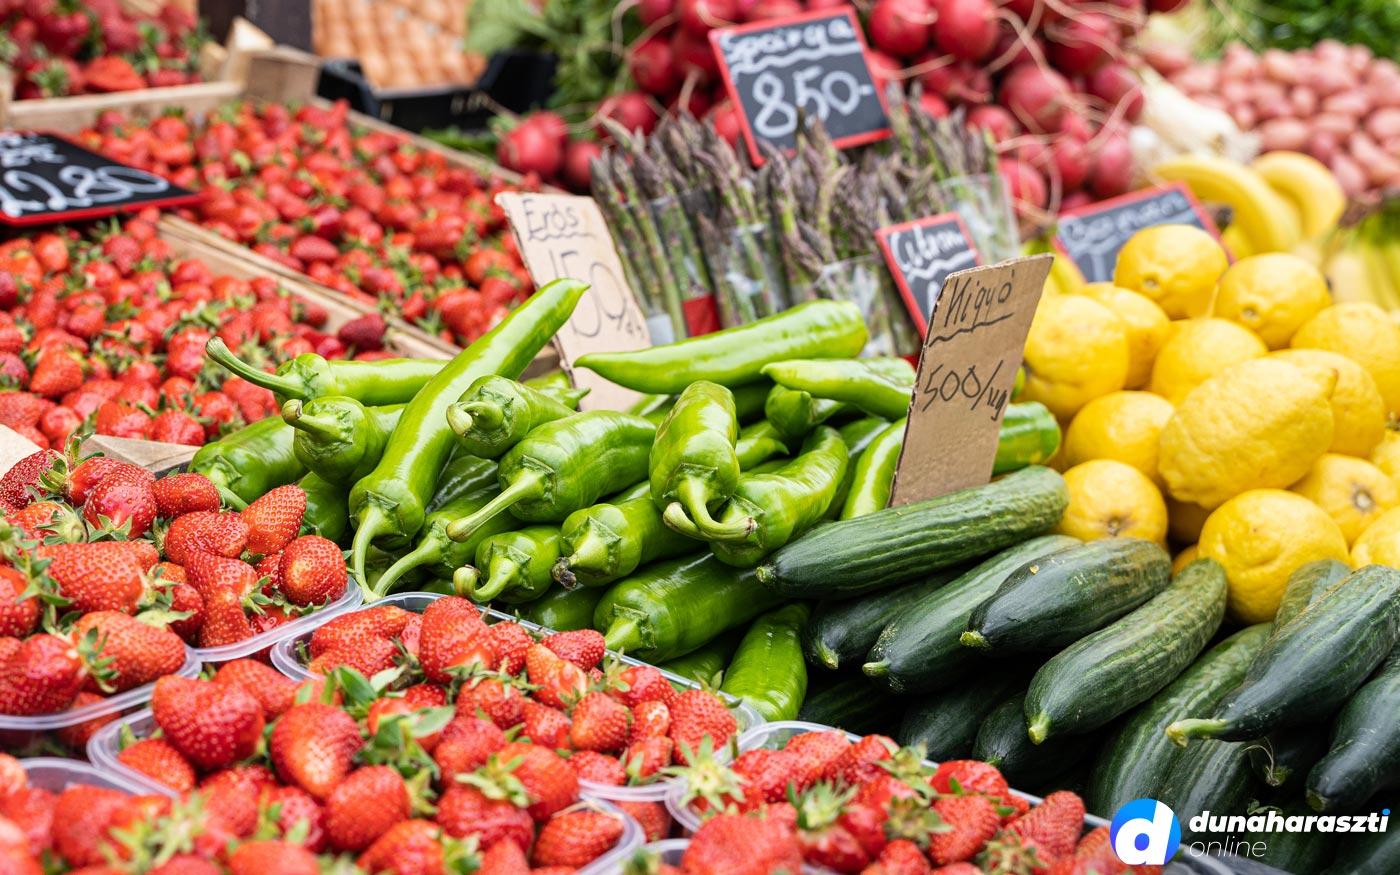 Piaci árak Dunaharasztiról